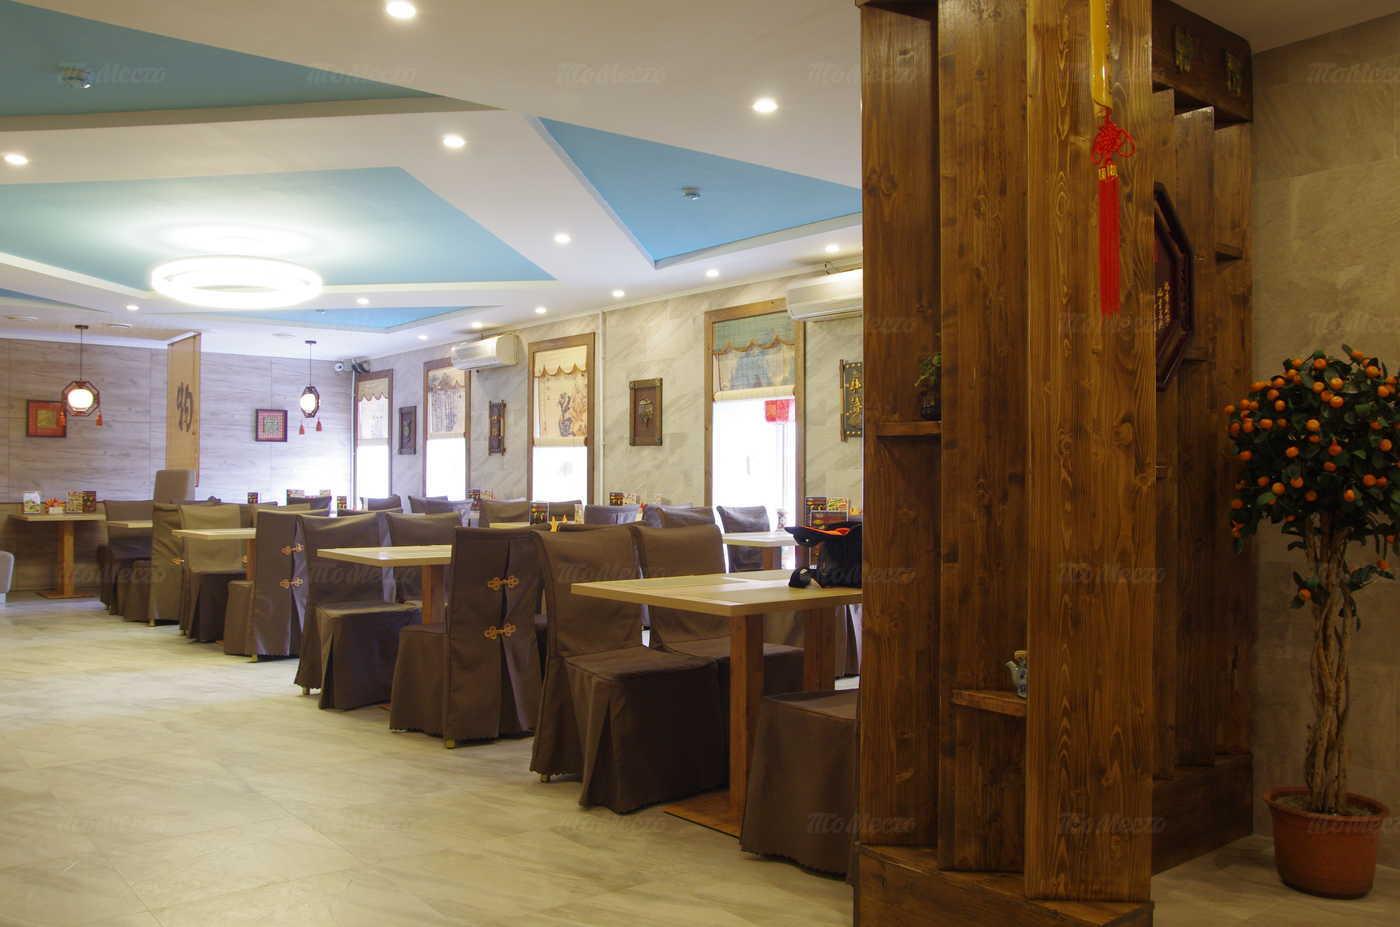 Ресторан Цзао Ван на Перекопской фото 3